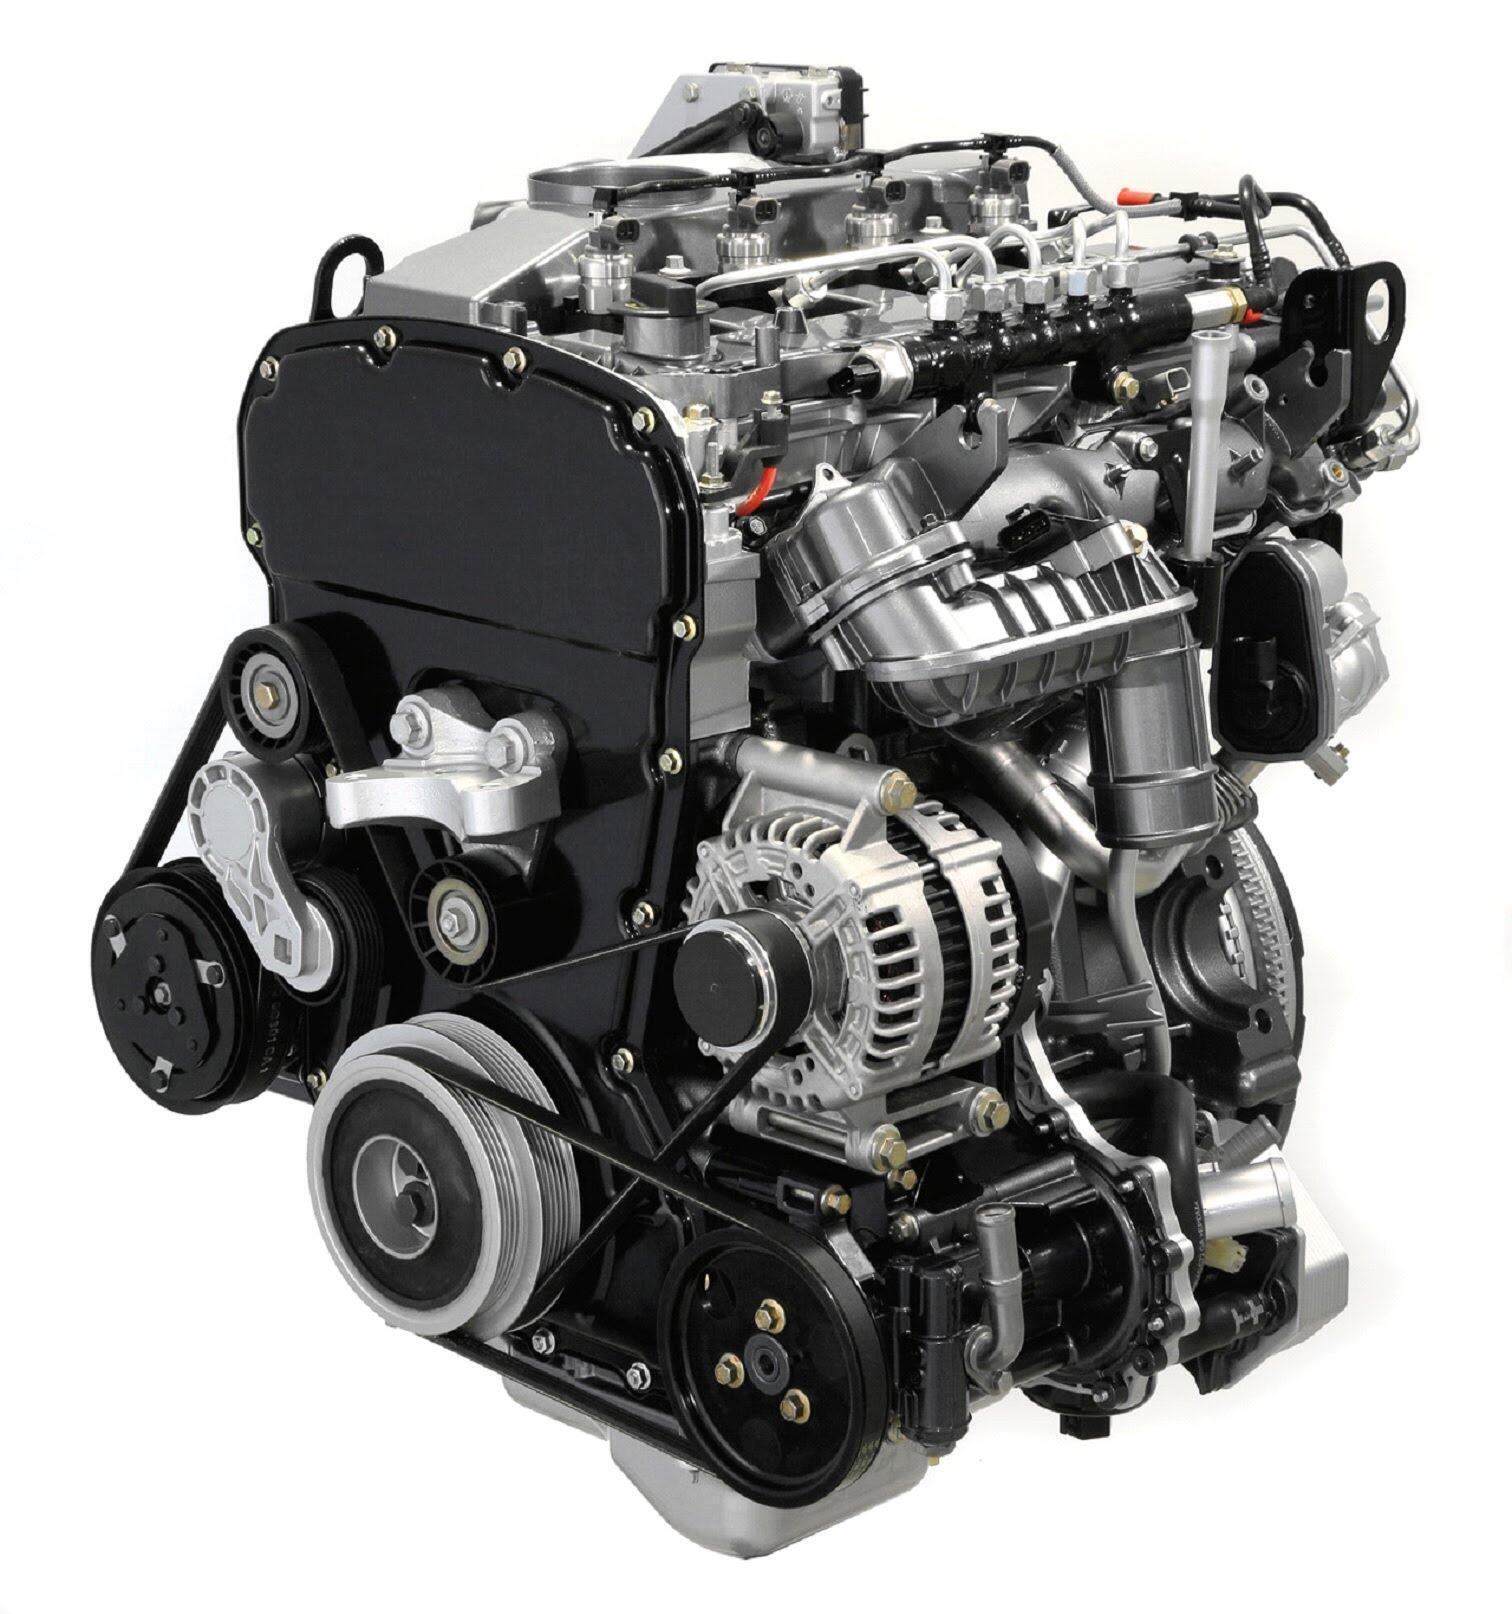 Transit được trang bị động cơ Duratorq 2.4L TDCi Turbo Diesel sử dụng công nghệ tiên tiến nhất để tạo ra sức mạnh vượt trội mà vẫn tiết kiệm nhiên liệu.